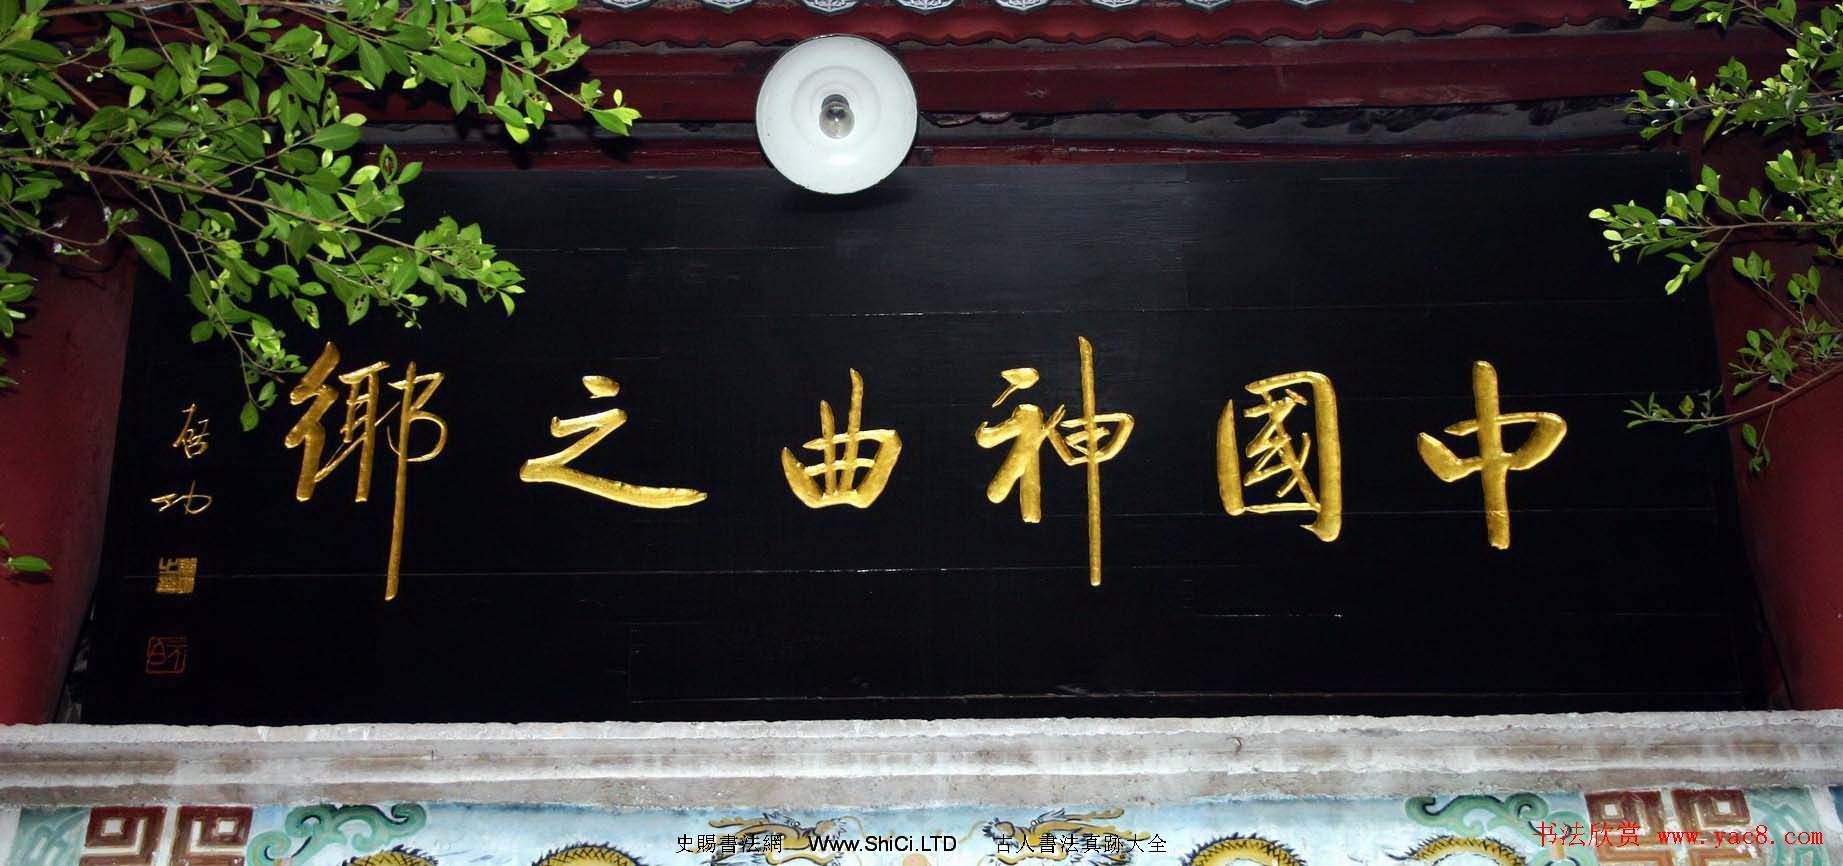 啟功書法題字牌匾欣賞